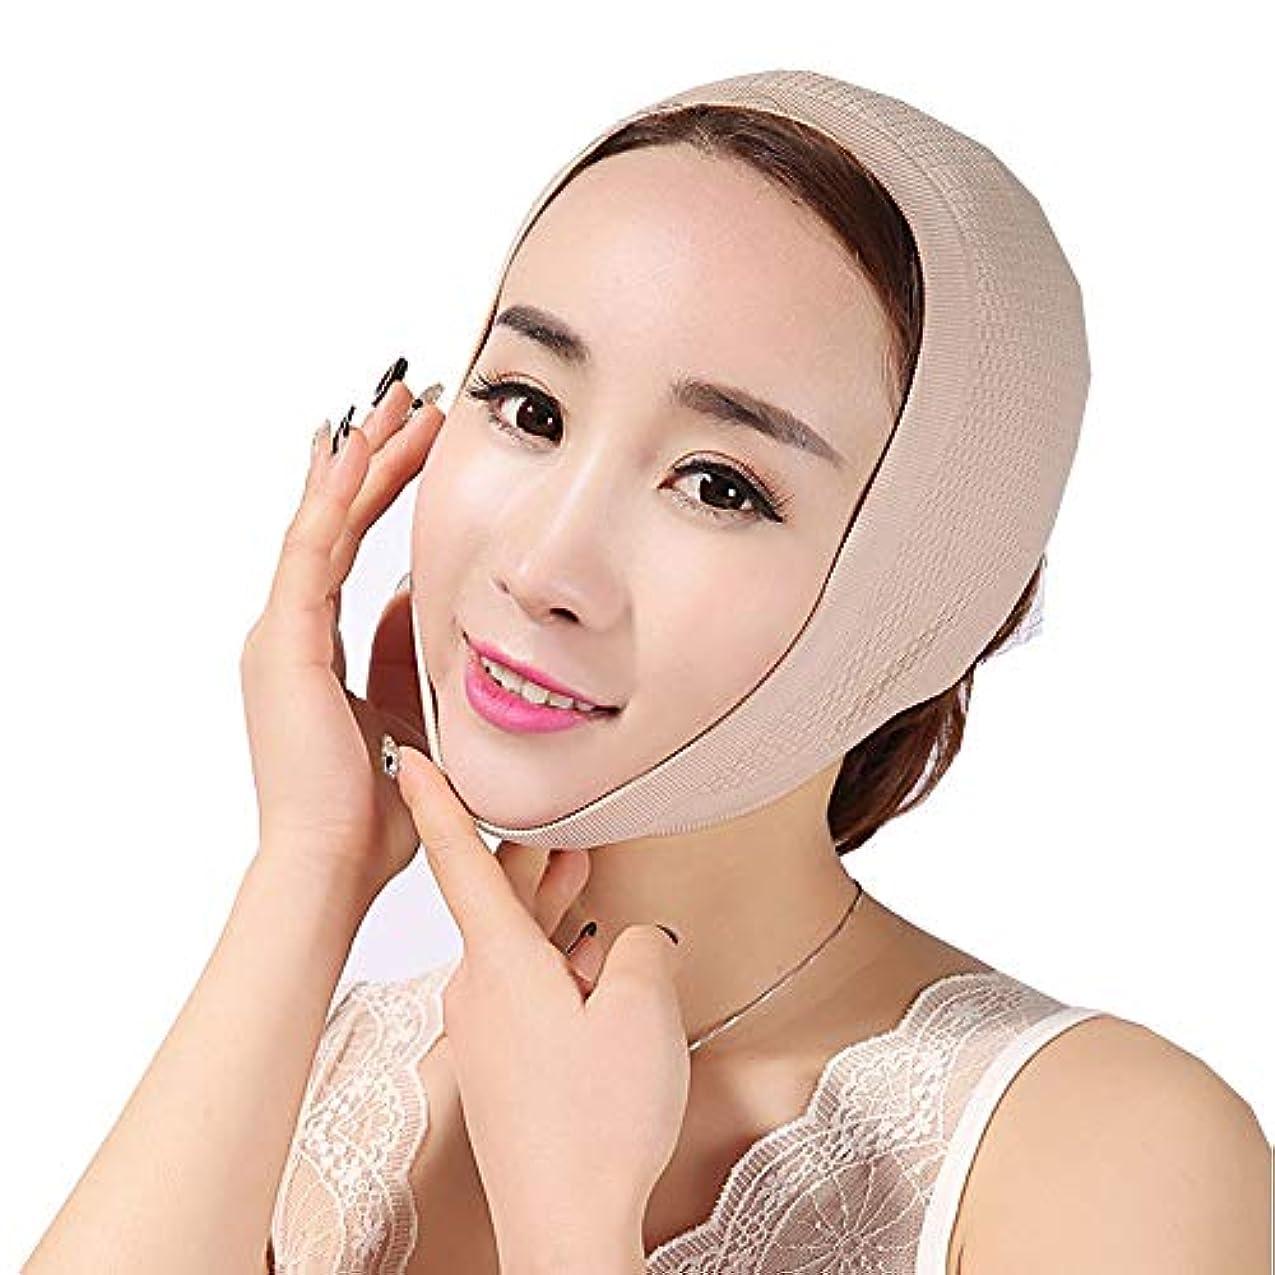 Minmin フェイスマスクで眠る薄い顔フェイスリフトフェイスリフトアーティファクトスモールフェイスVフェイスリフト付きフェイスフェイス包帯引き上げジョーセット みんみんVラインフェイスマスク